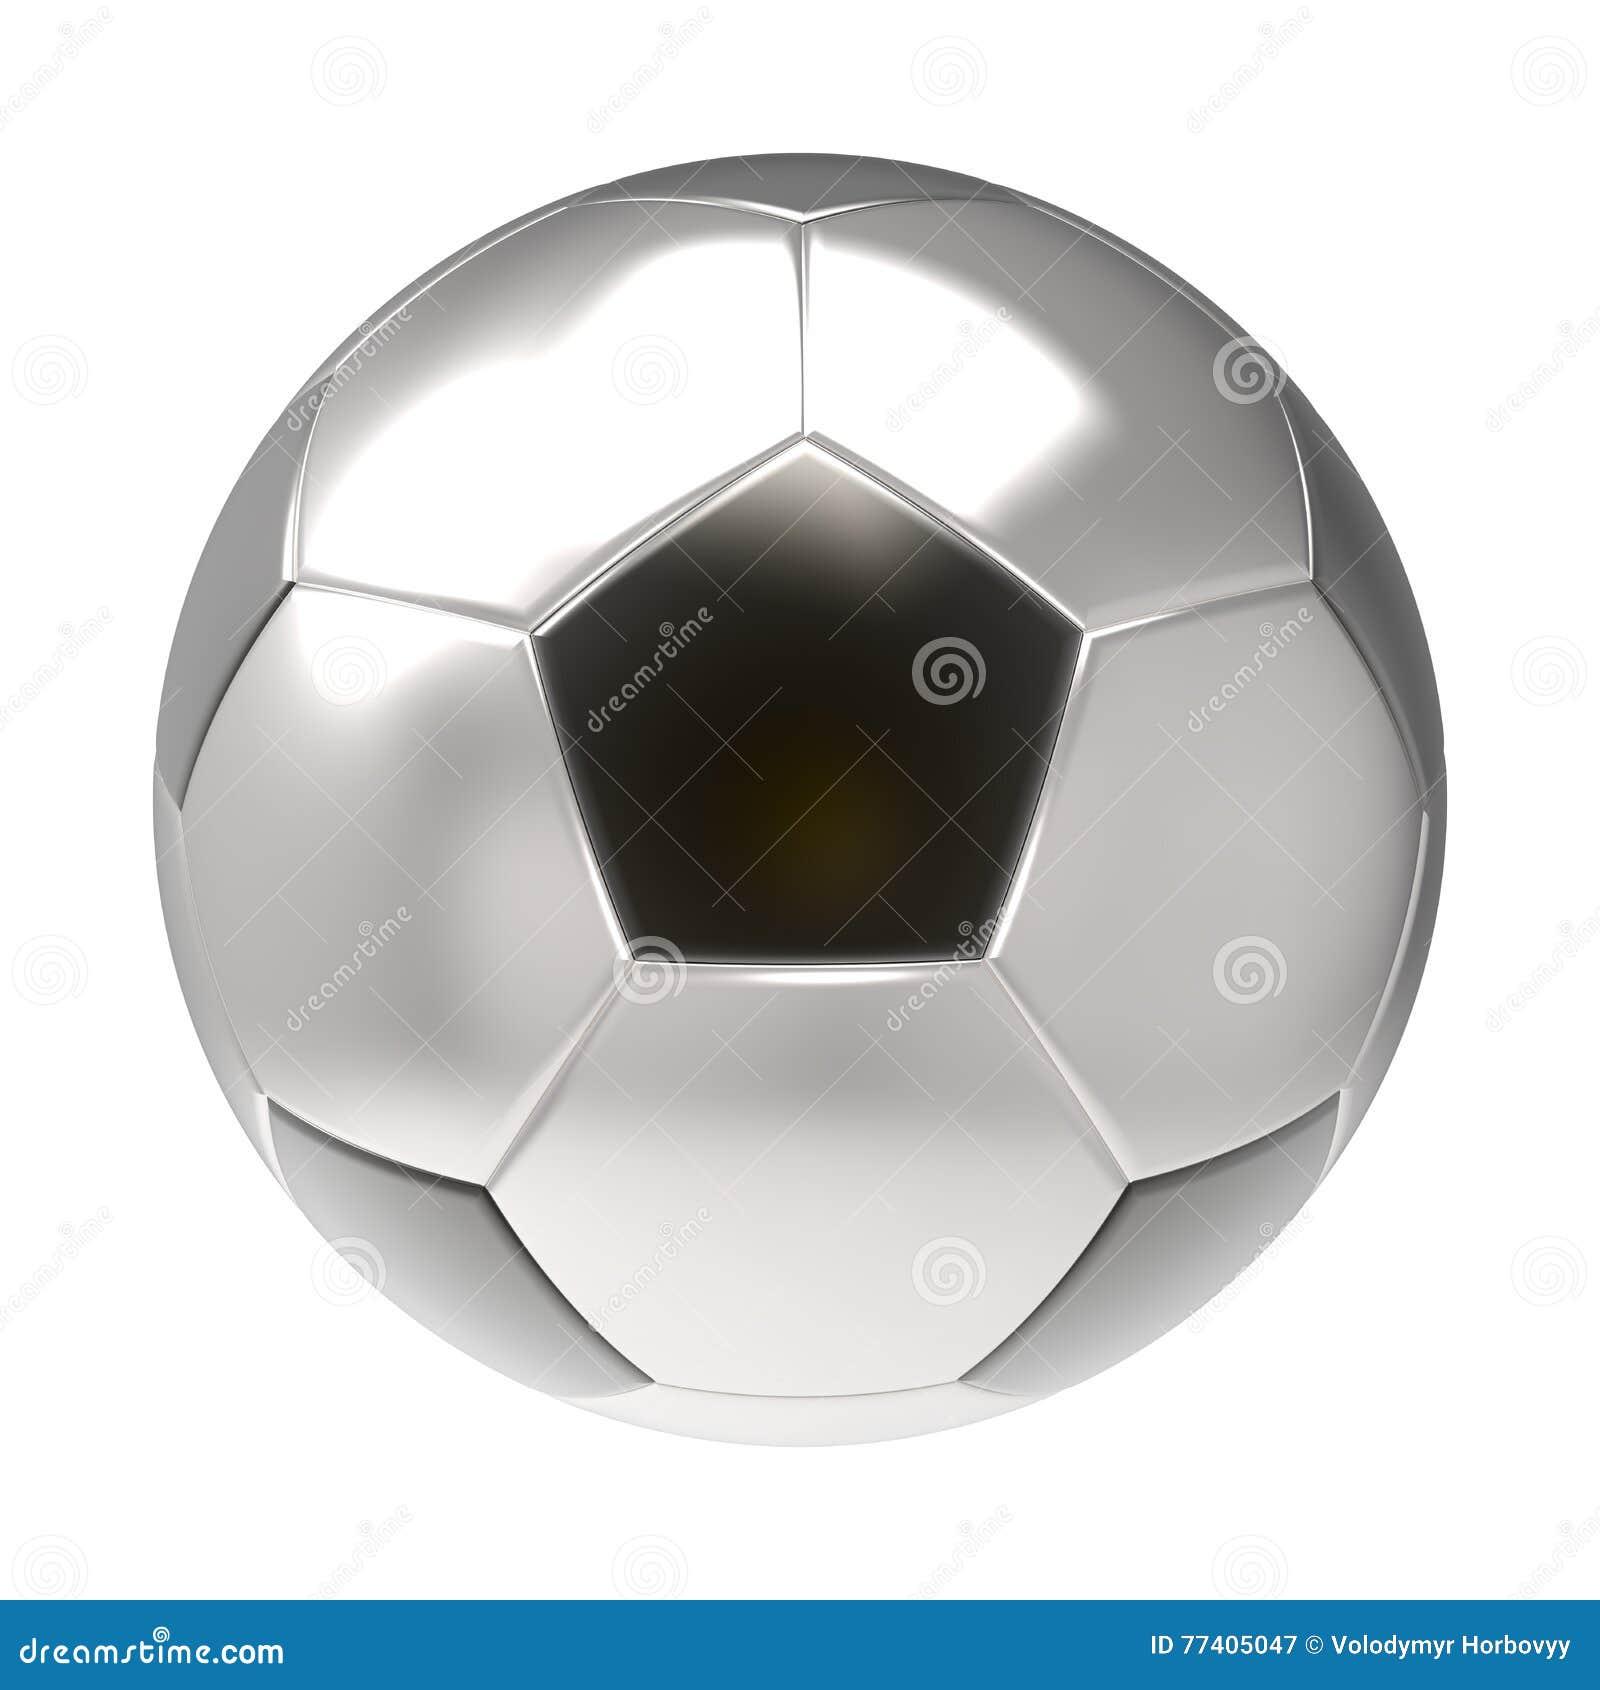 Серебряный футбольный мяч 3D представляет